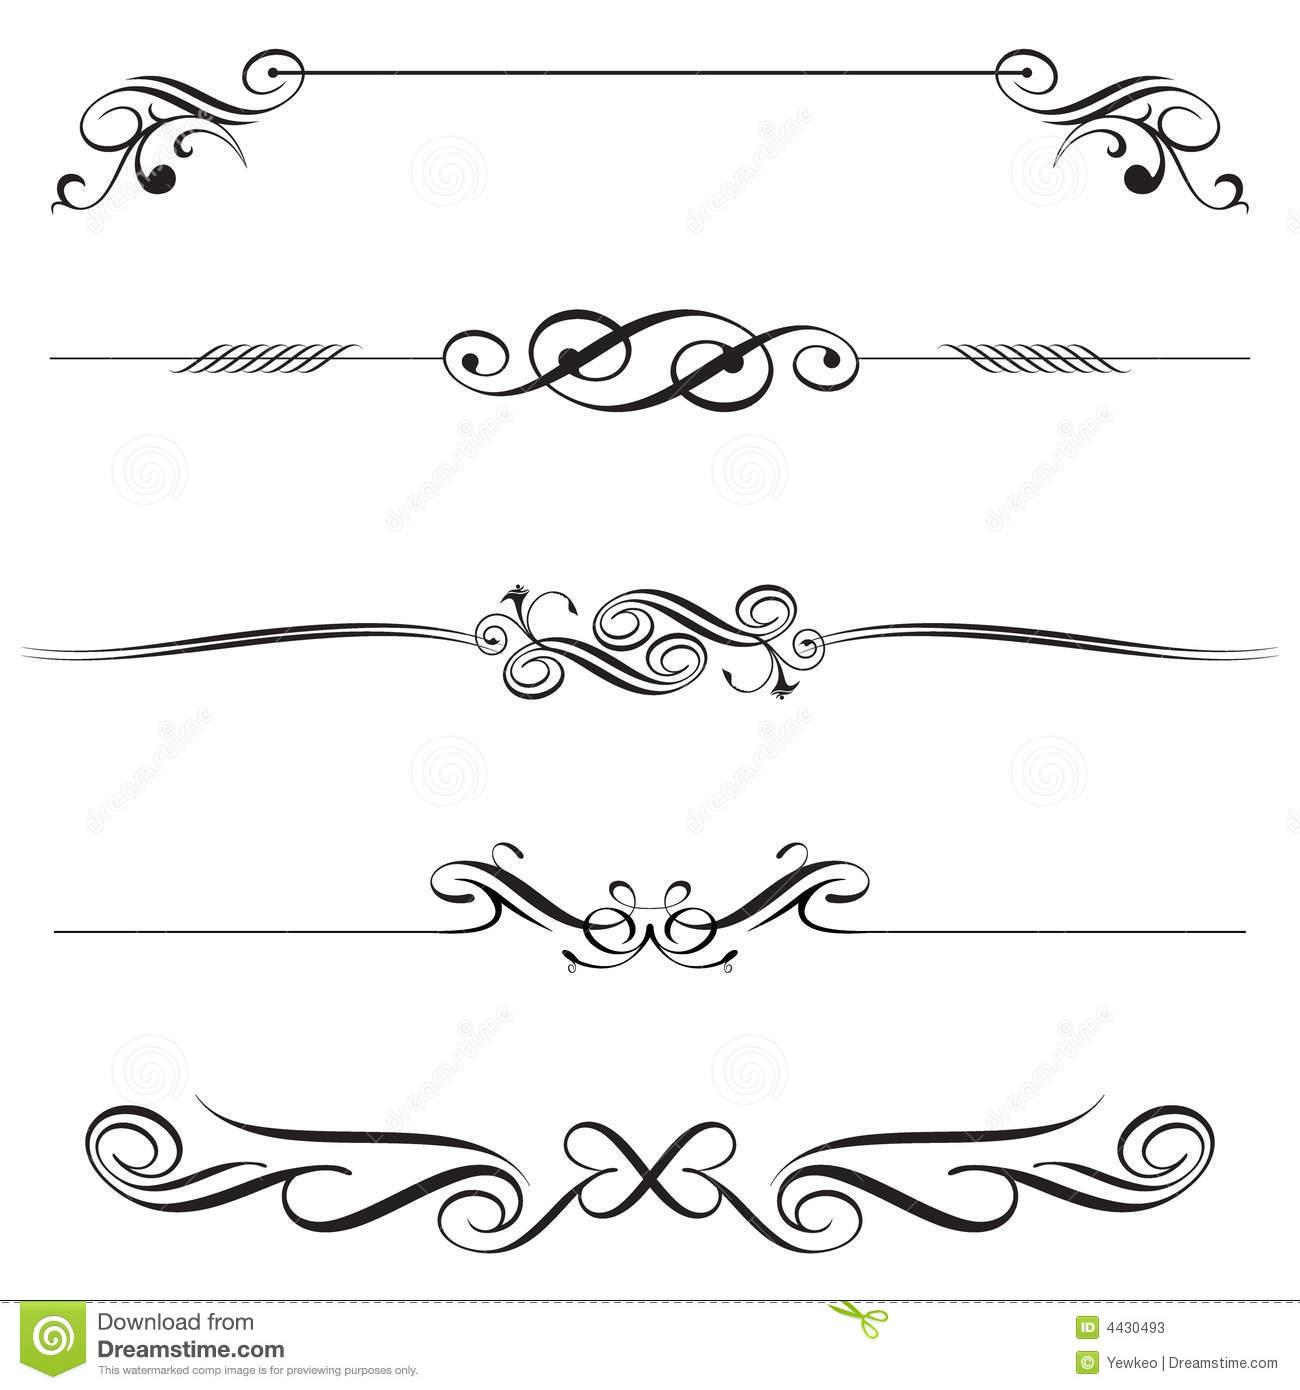 16 Vector Decorative Line Clip Art Images.